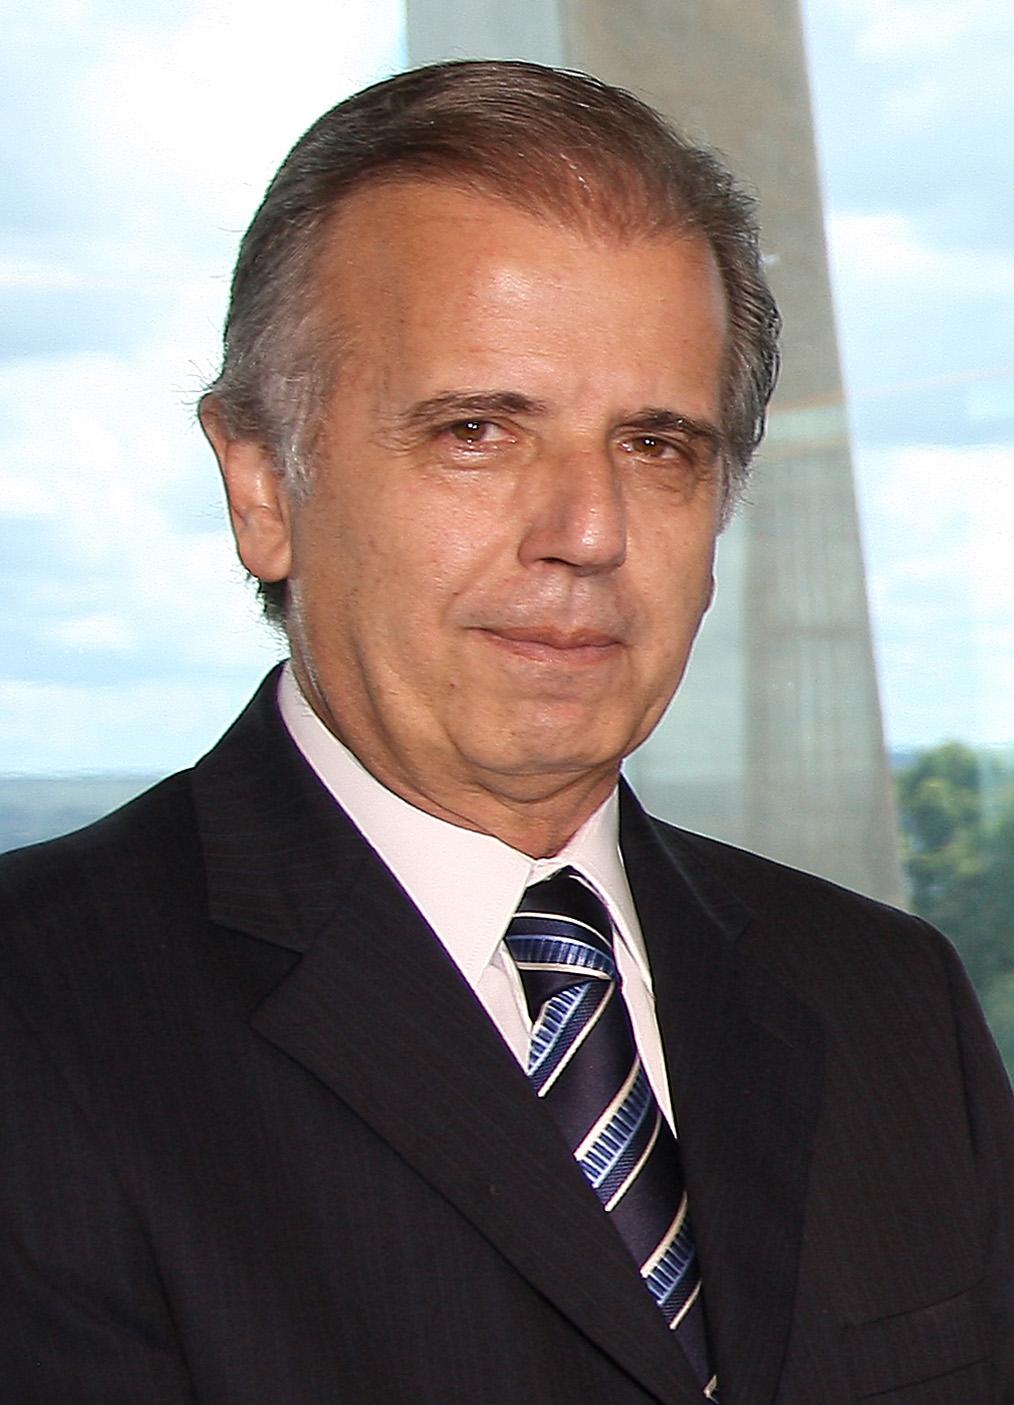 Veja o que saiu no Migalhas sobre José Múcio Monteiro